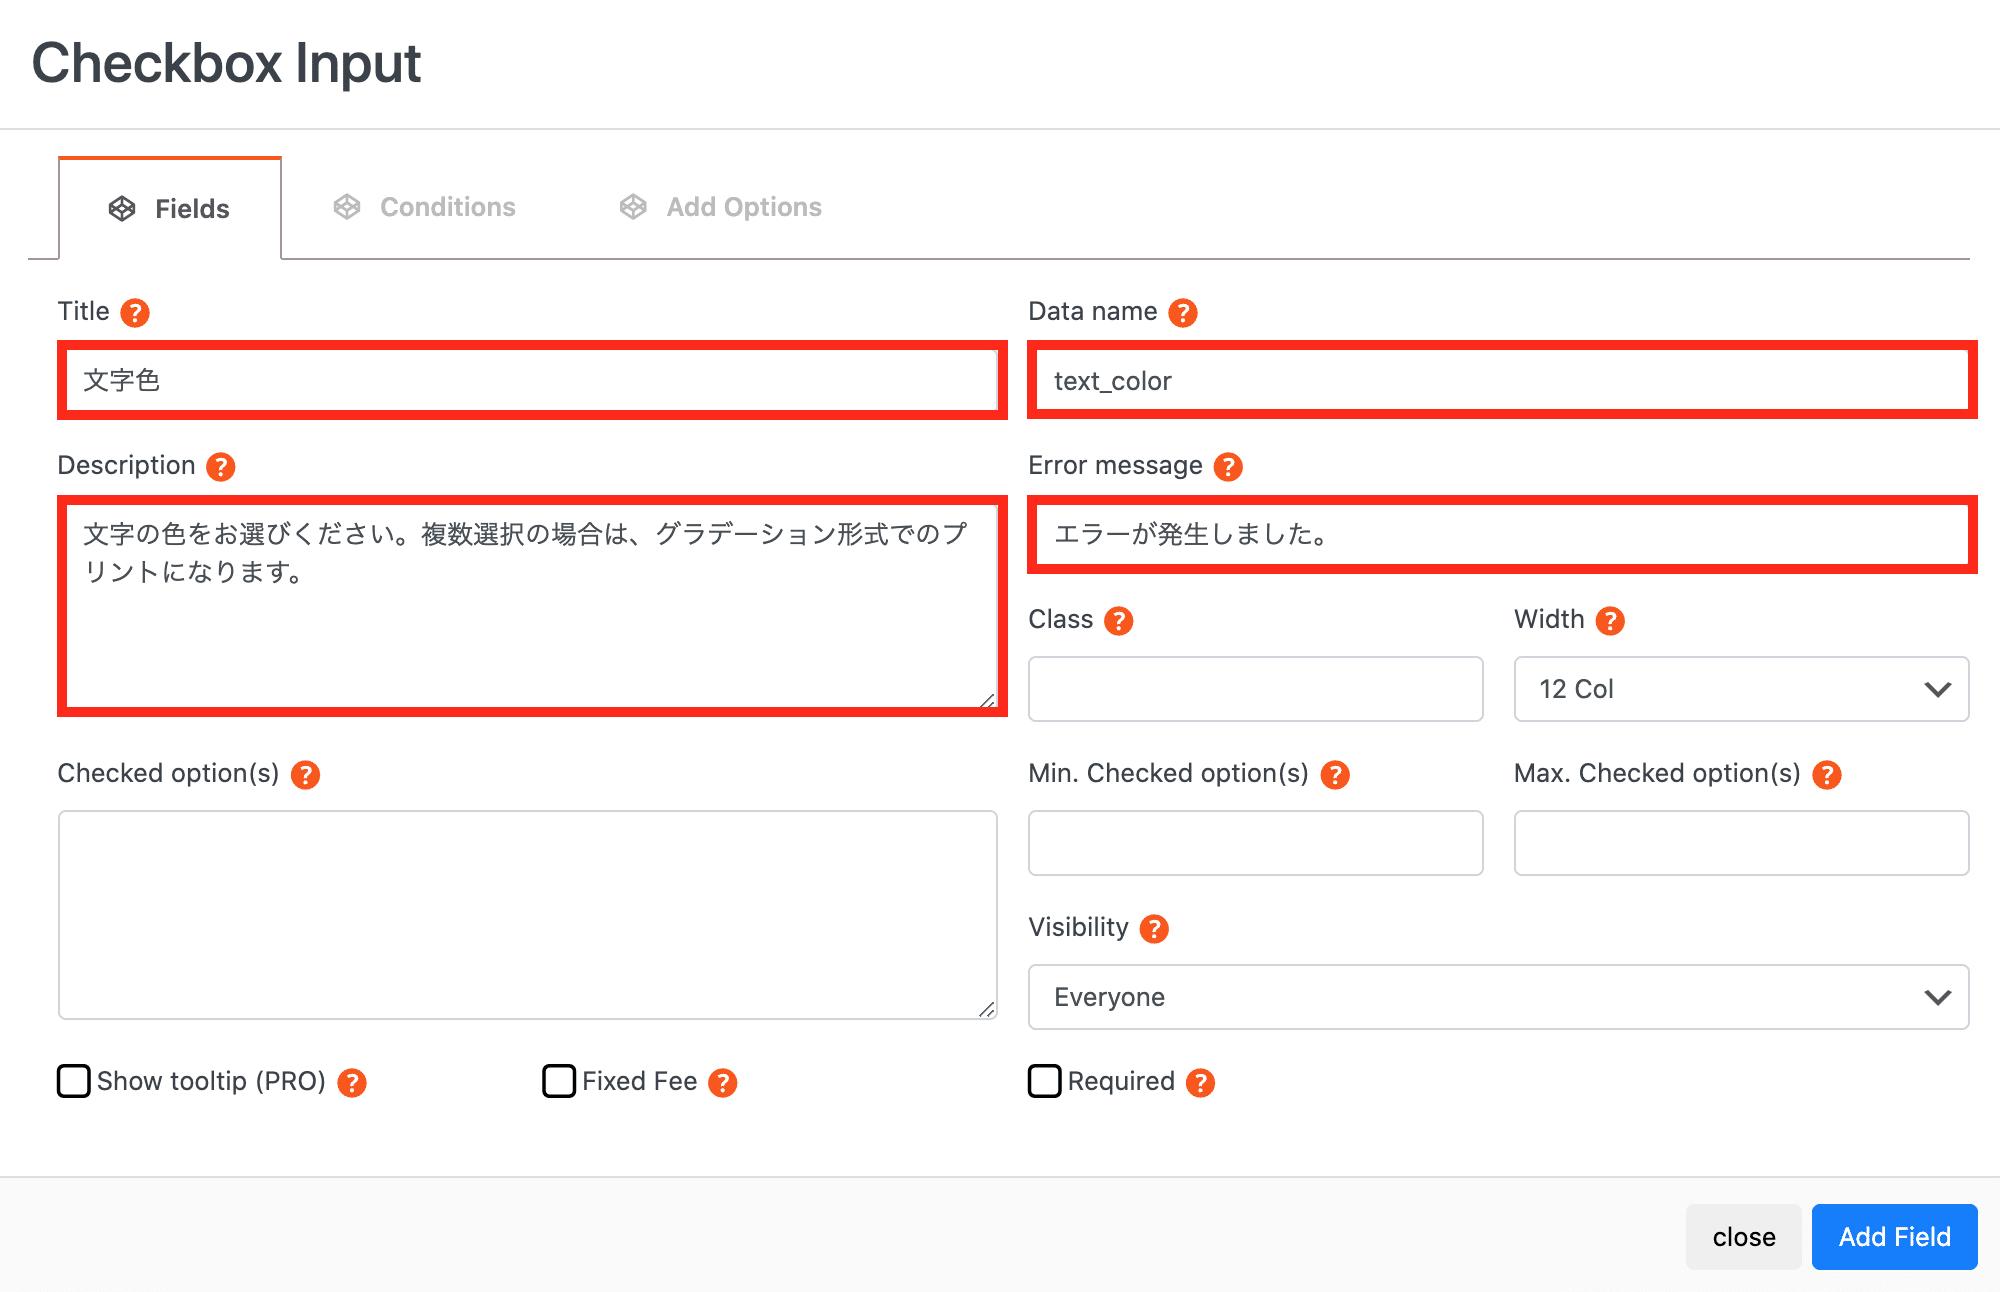 Checkbox Input